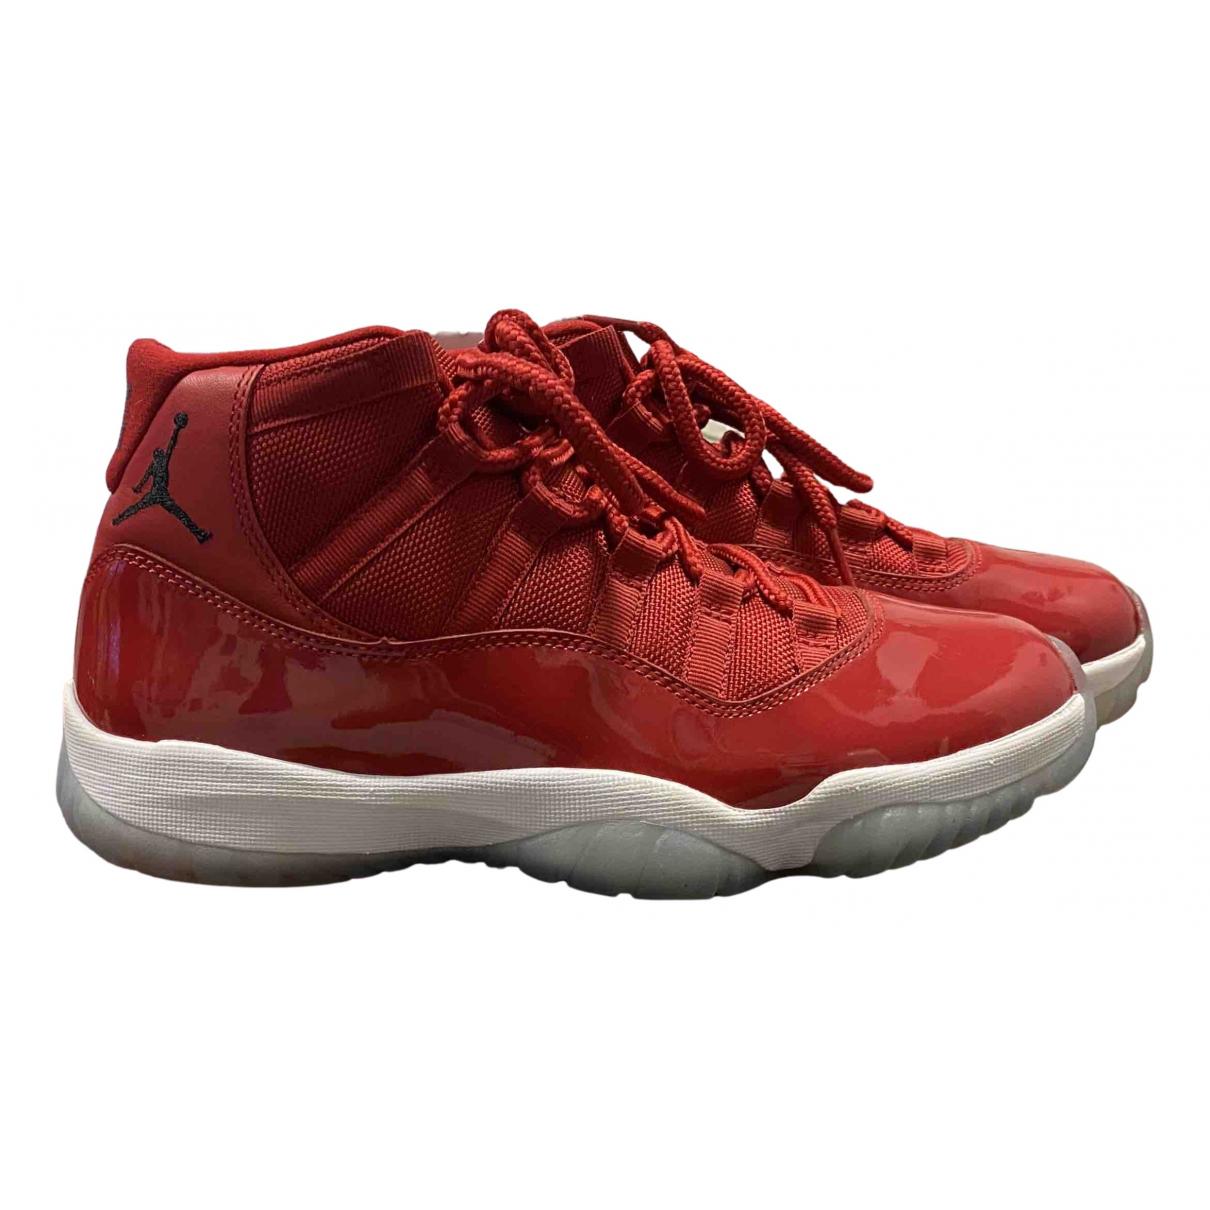 Jordan - Baskets Air Jordan 11 pour femme en cuir verni - rouge